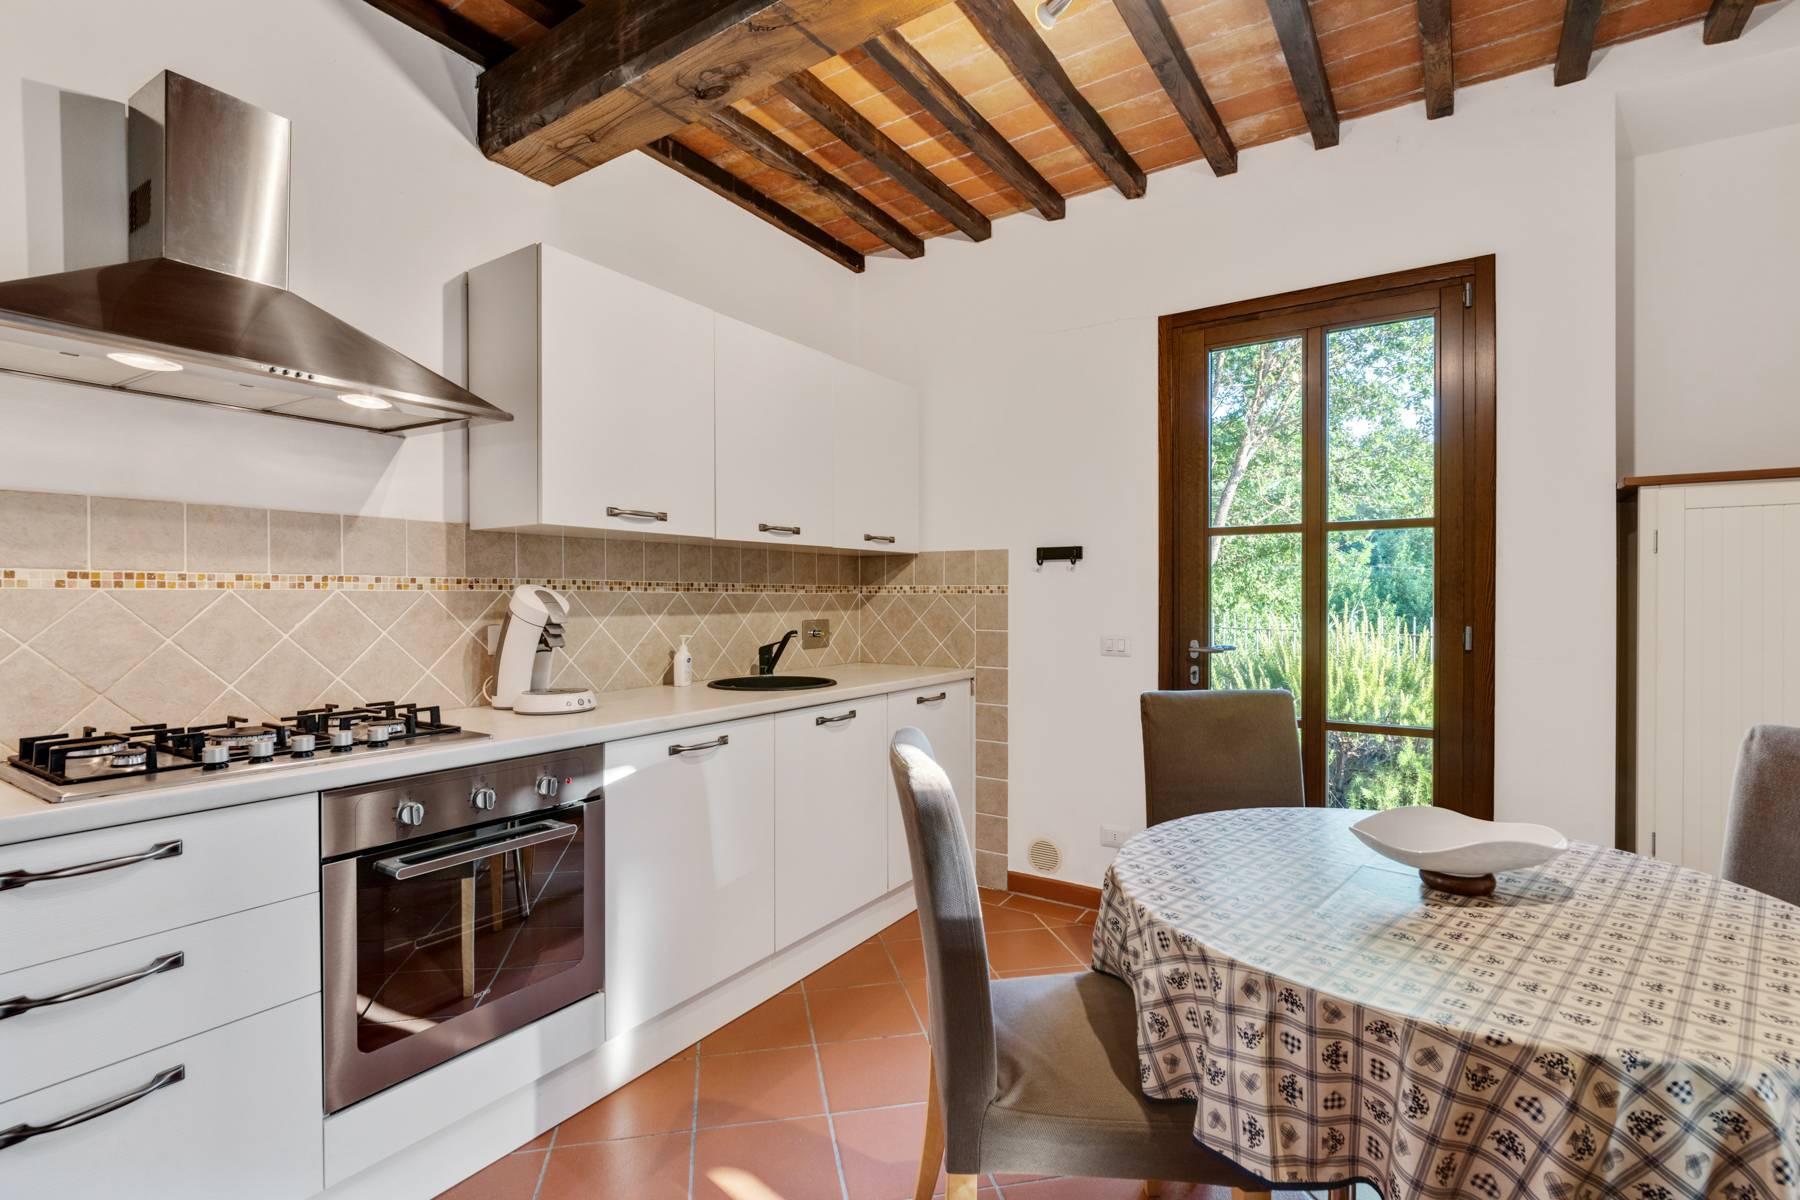 Charmante maison de campagne avec piscine sur les collines toscanes - 16